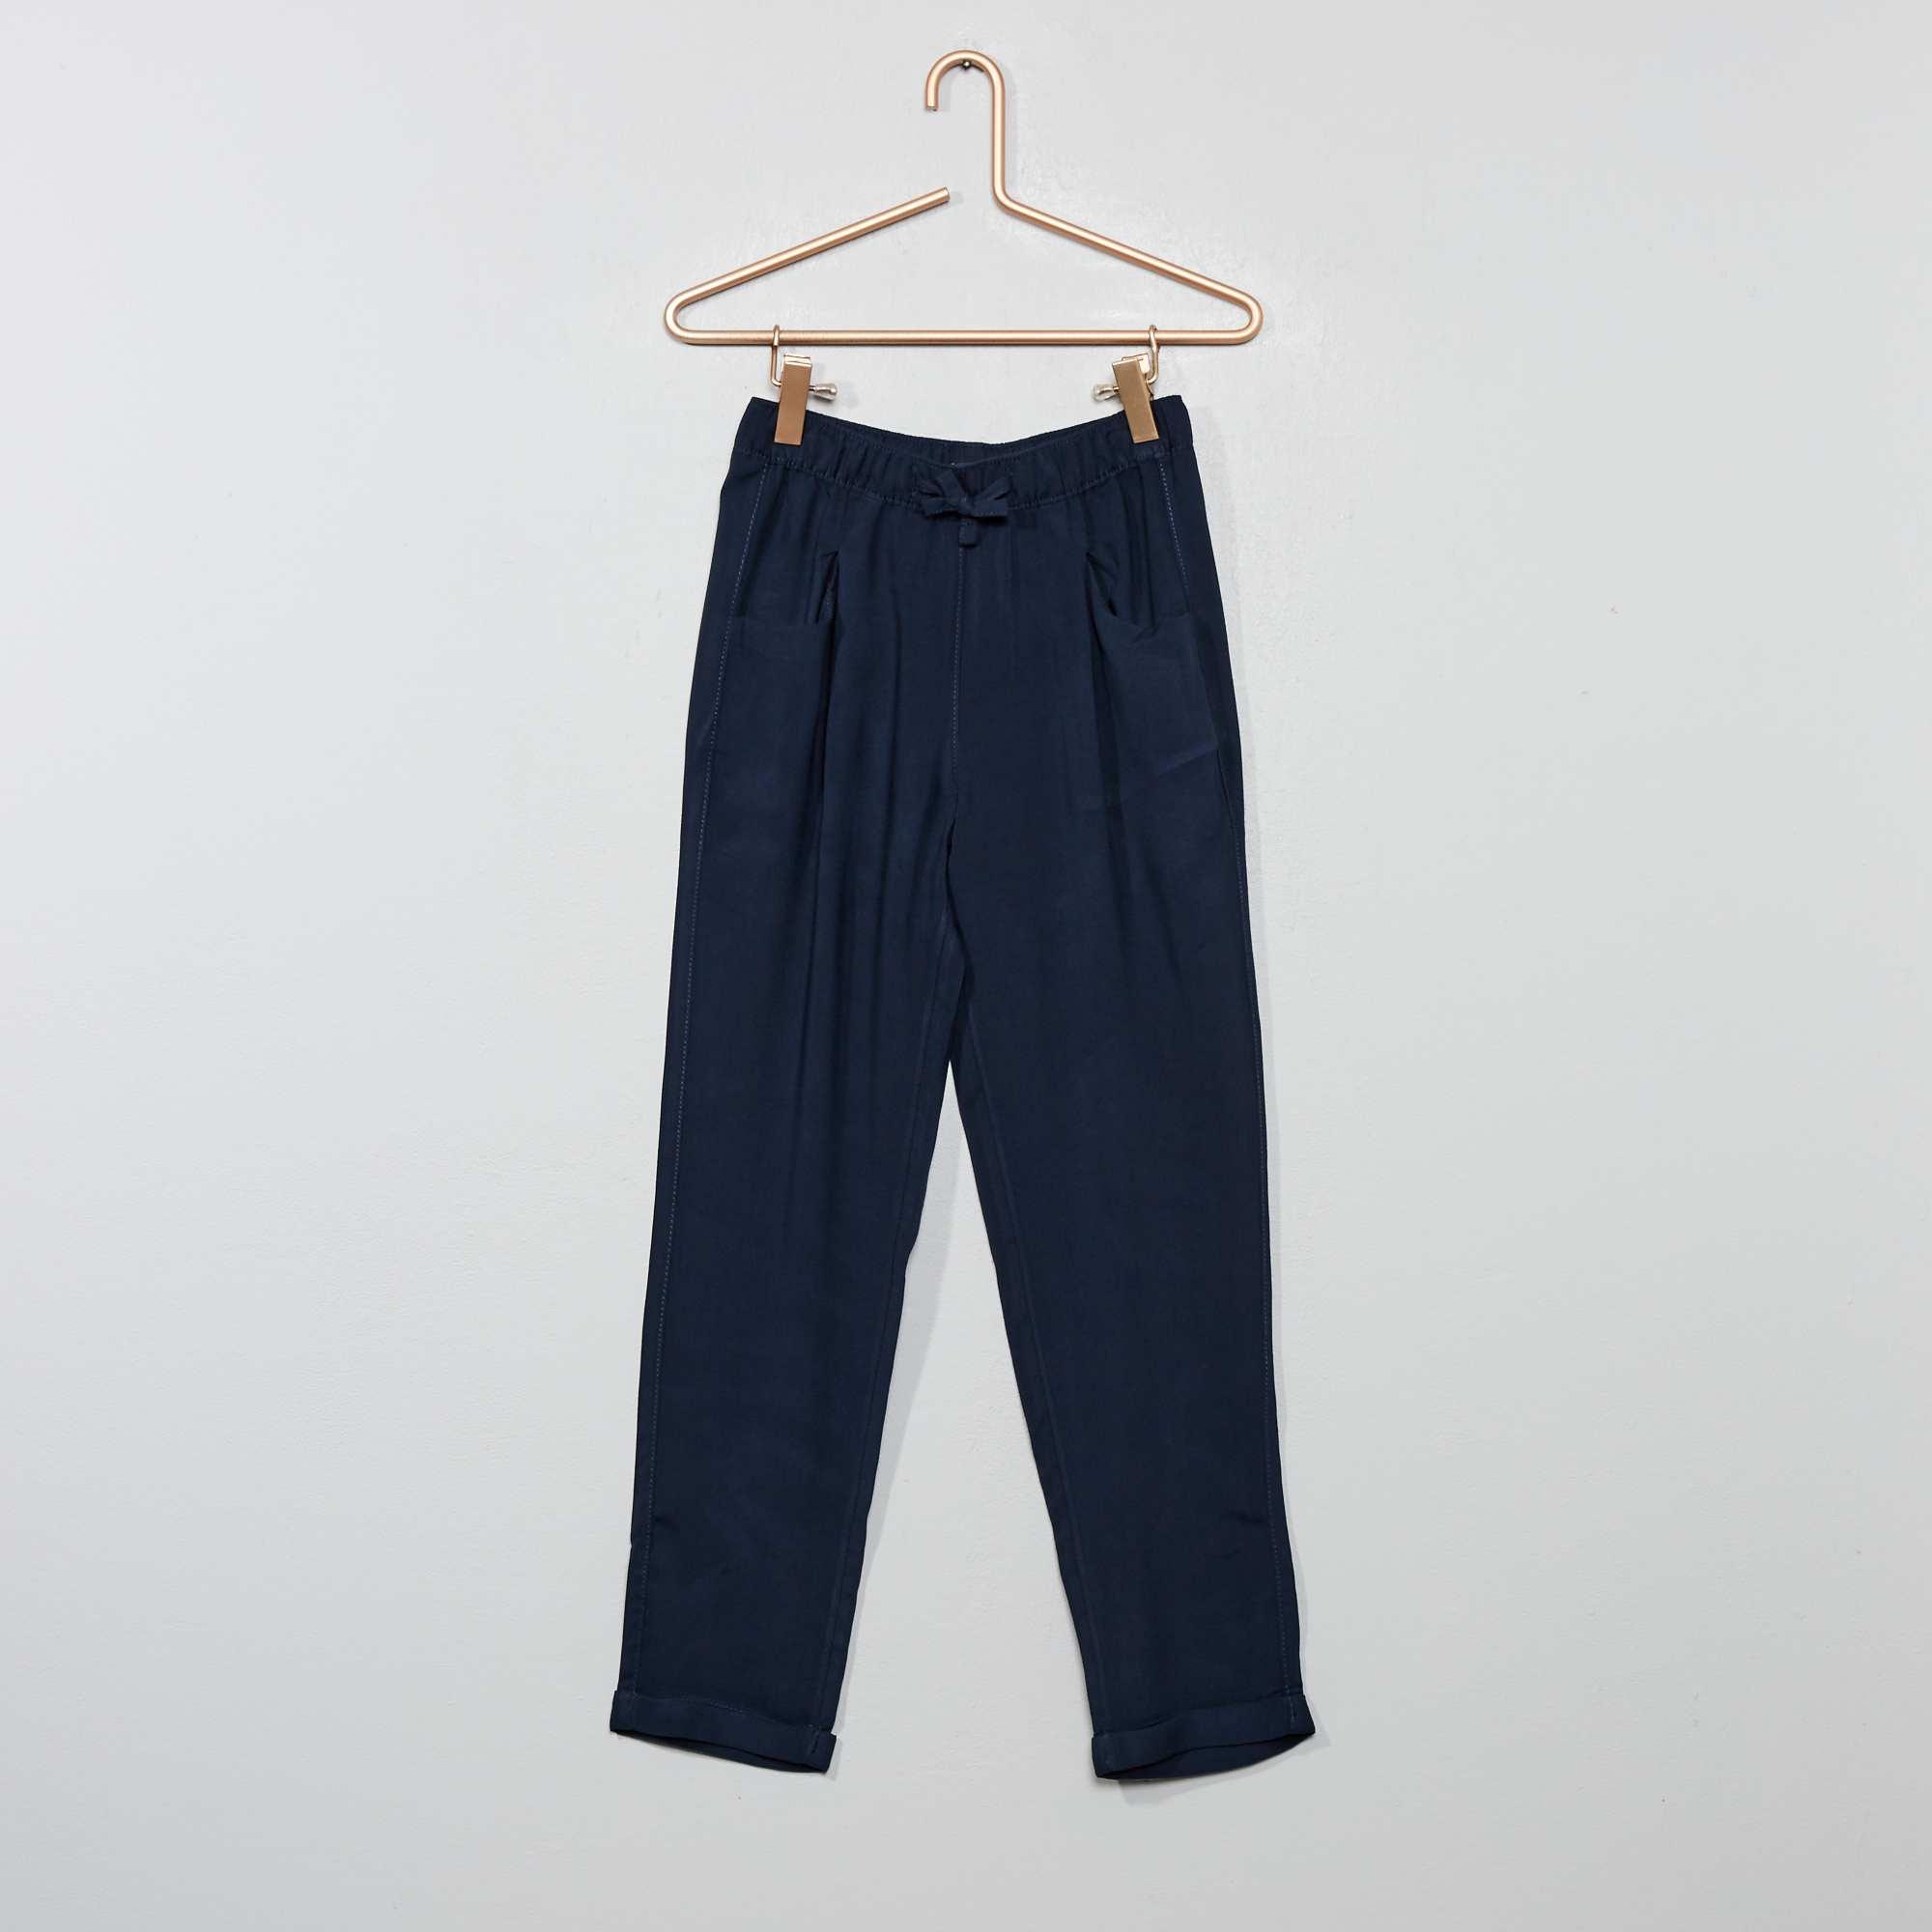 9df9bd1bcd80a Pantalon droit fluide Fille - bleu marine - Kiabi - 9,00€